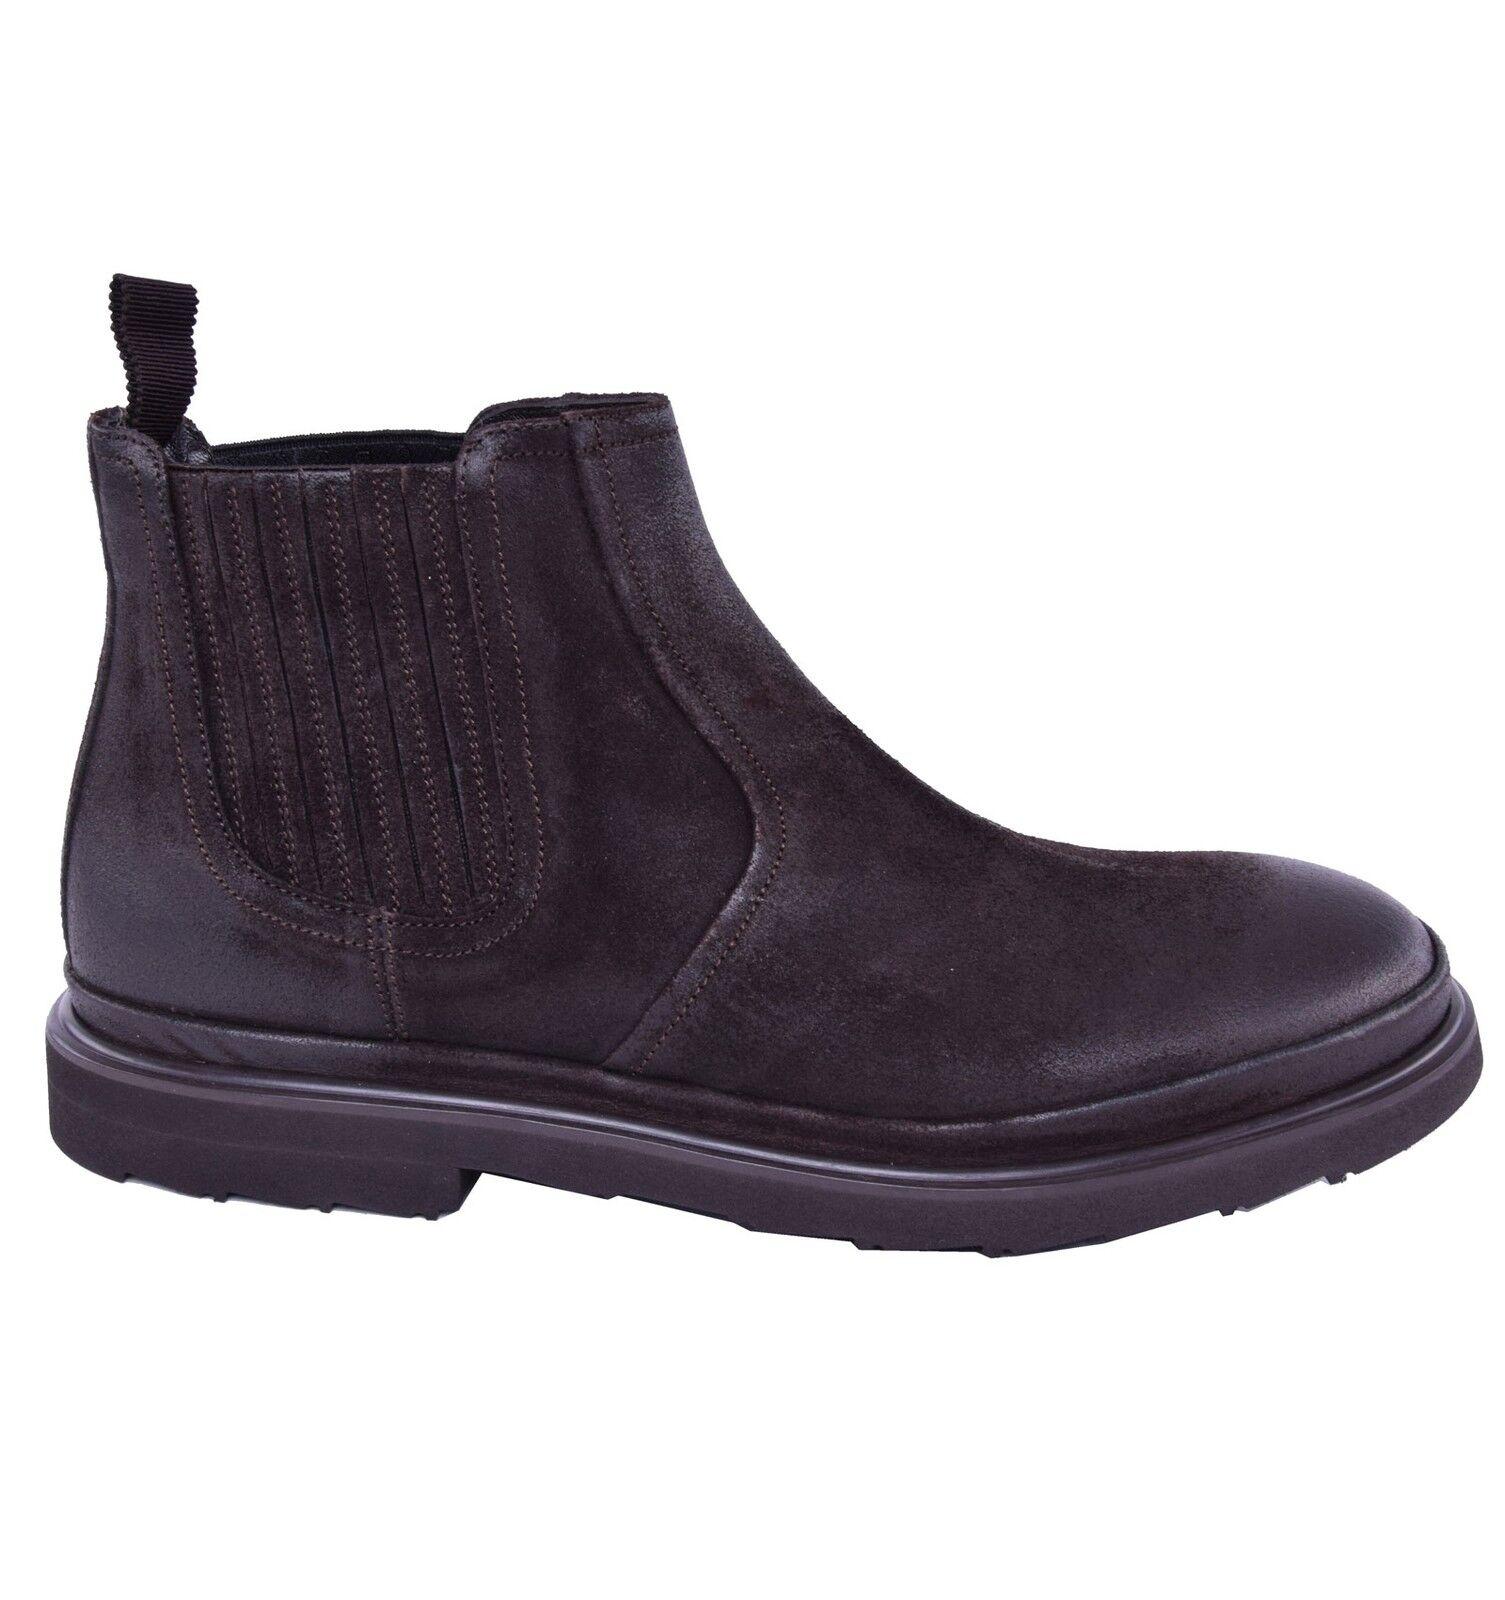 DOLCE & GABBANA Leichte Wildleder Stiefeletten Schuhe Braun Suede Boots 03843